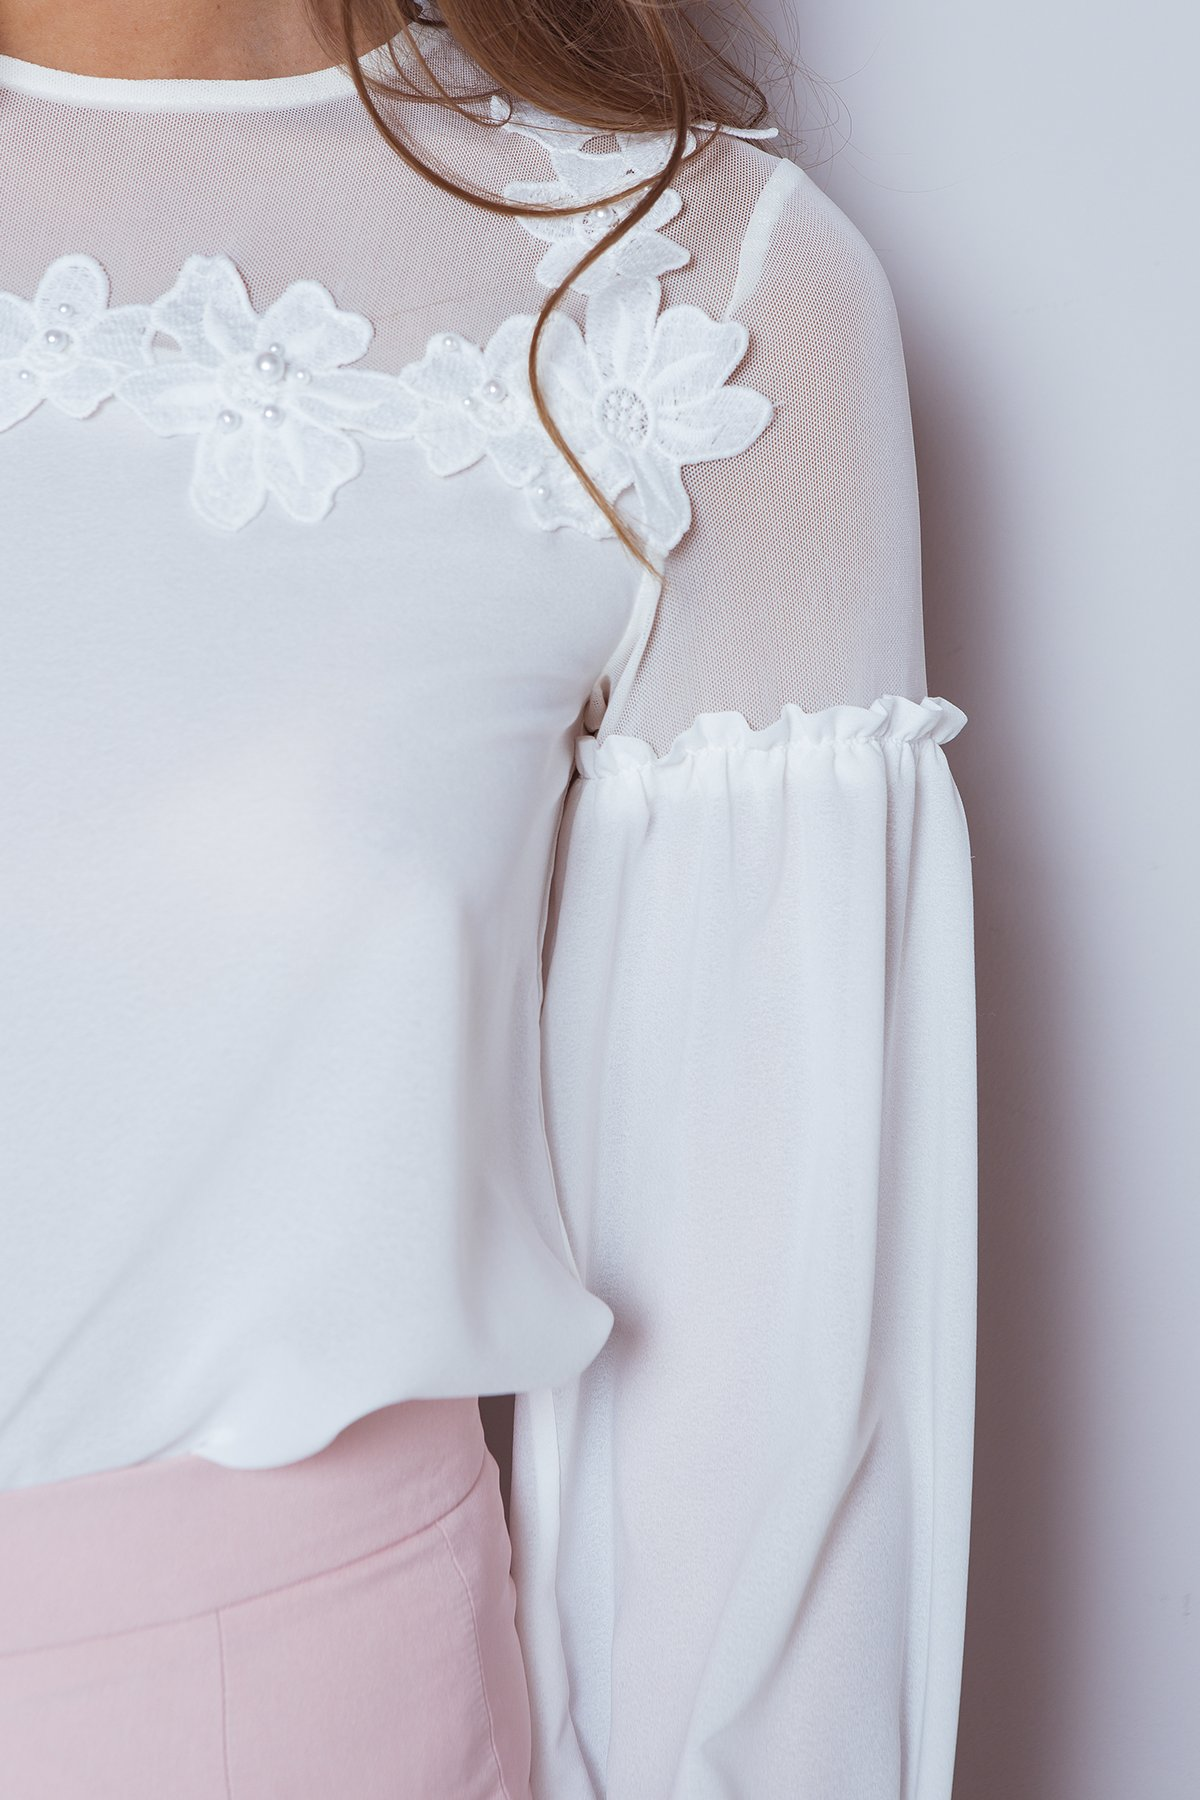 Шифоновая блузка Асия 3230 Цвет: Молоко